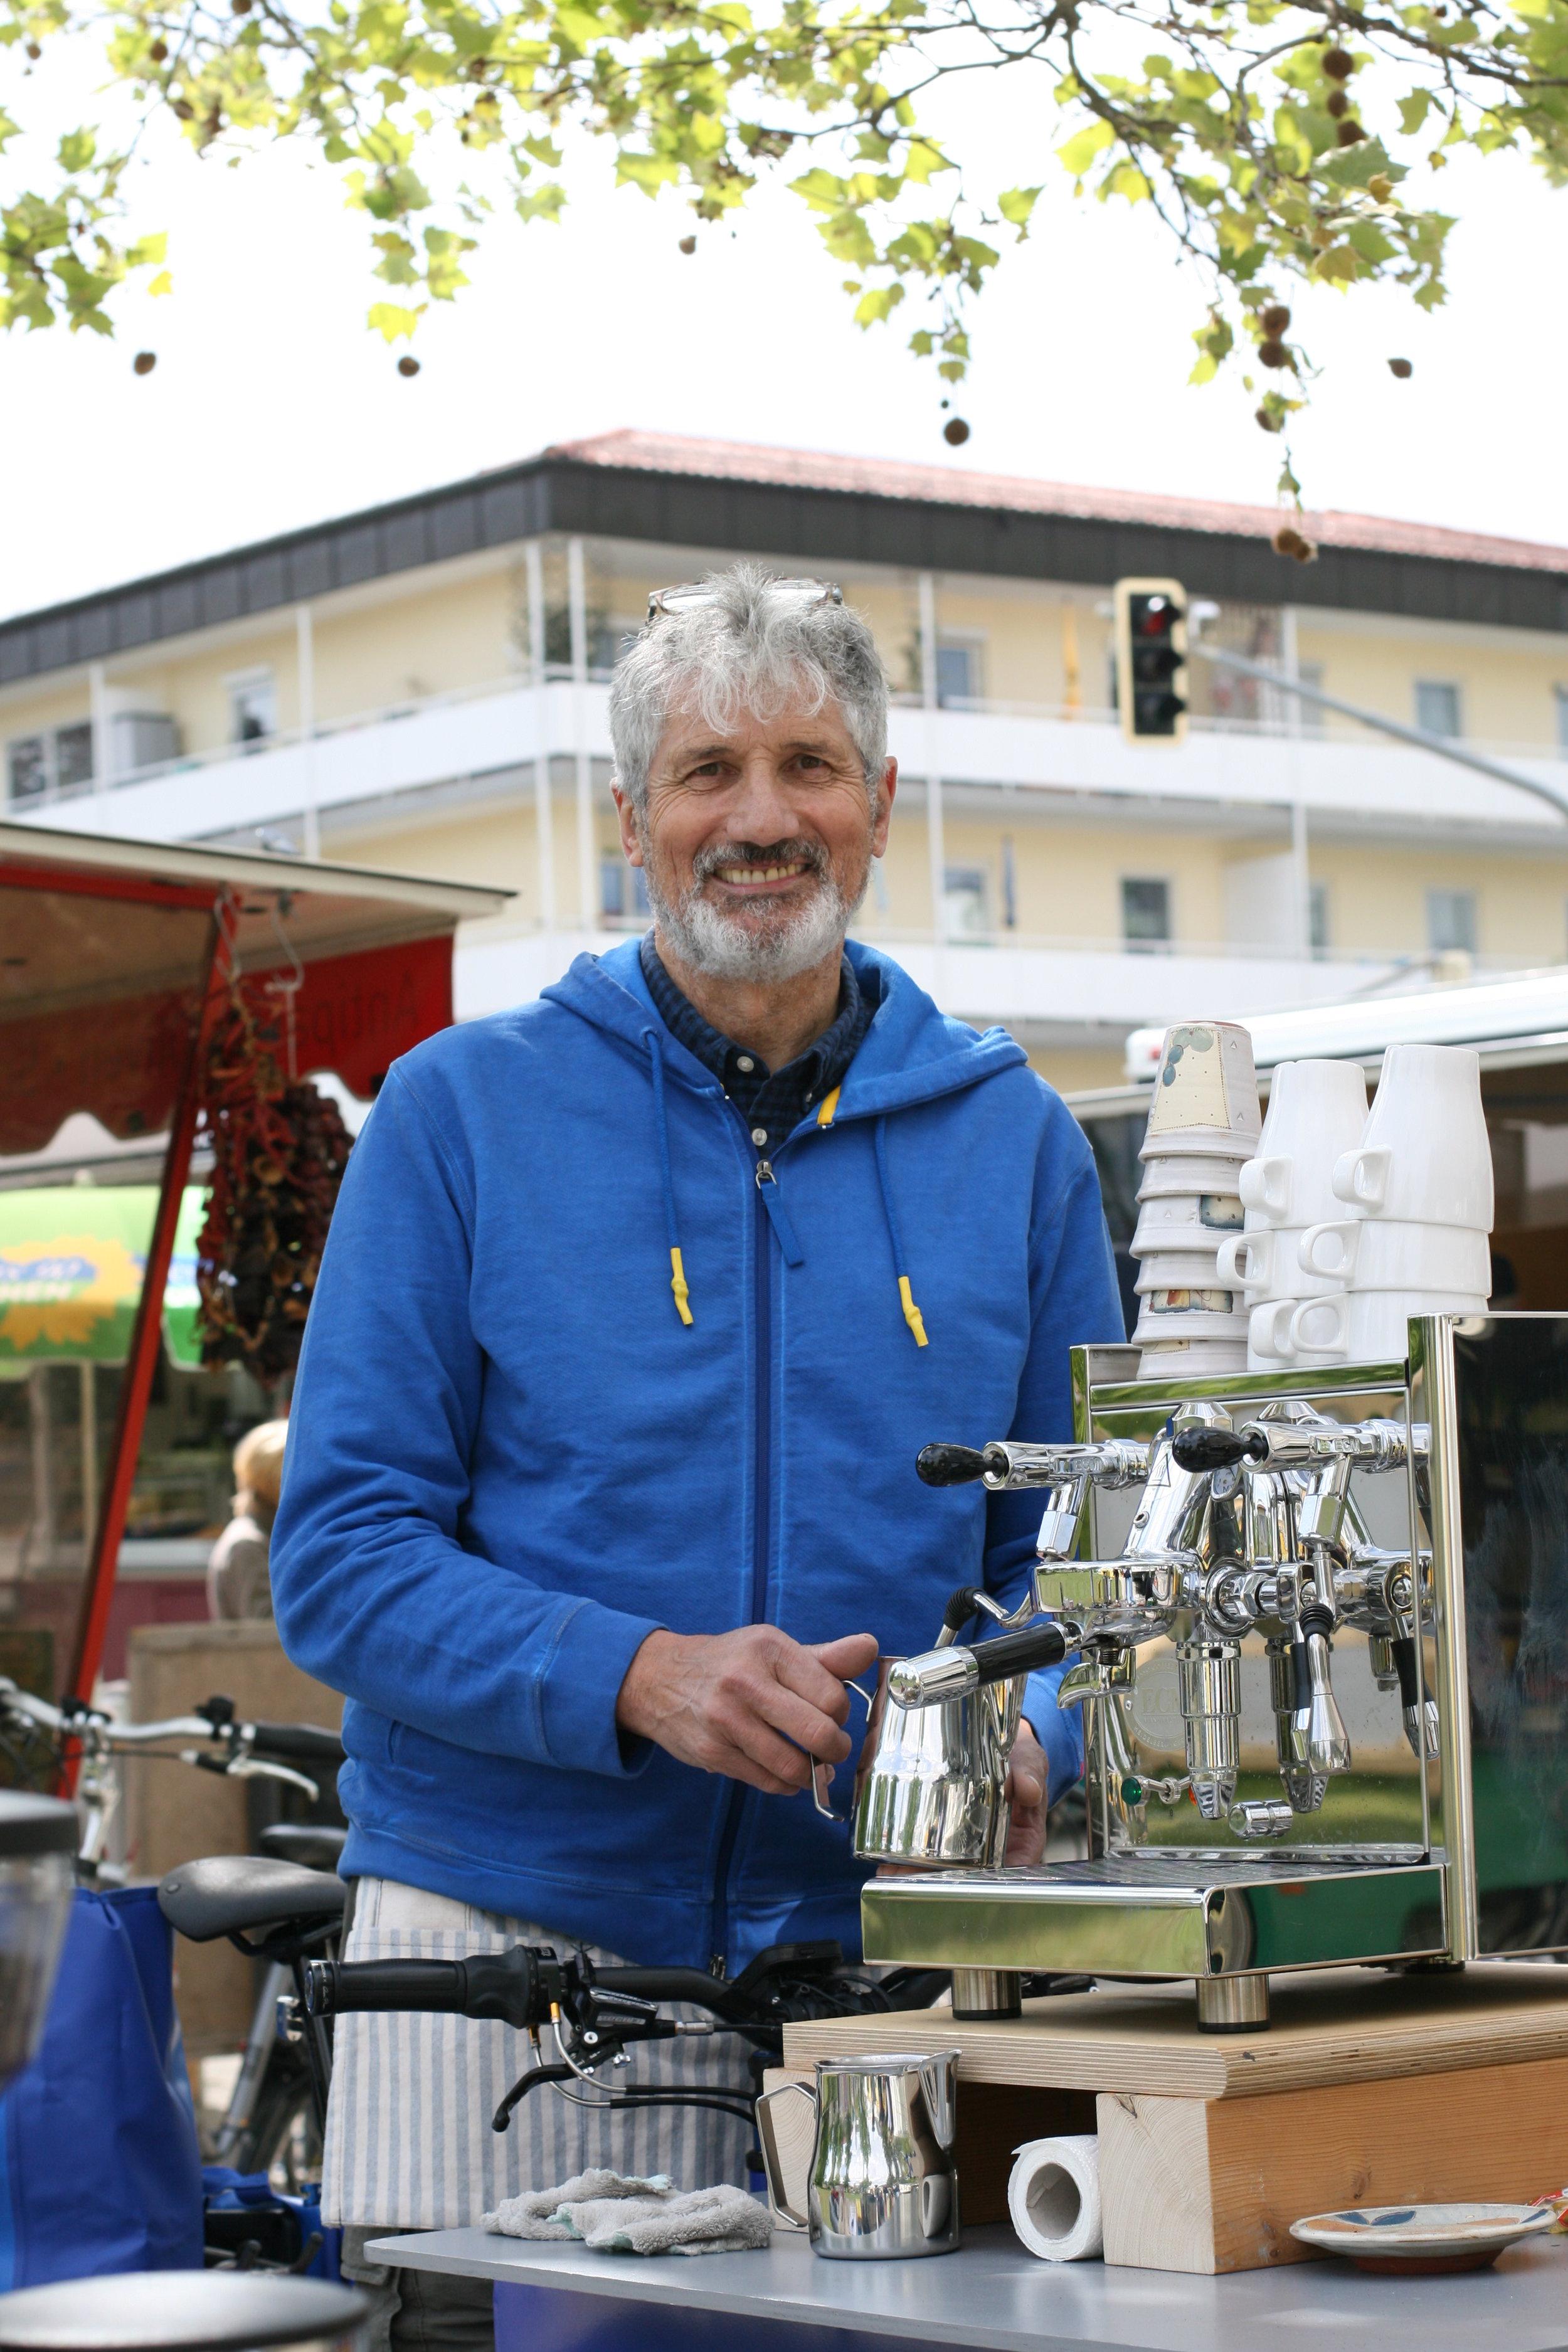 """Thomas Richthammer  Der Kaffee-Radfahrer  Man plaudert, man lacht – stehend, mit einer Tasse duftenden Kaffee in der Hand, mit Bekannten und Unbekannten und mitten auf dem Wochenmarkt in Eichenau. Sich treffen und auch mit Fremden ins Gespräch kommen ist für Thomas Richthammer, geboren im Ruhrpott und Sohn eines Bergmanns, das Normalste von der Welt. Darum freut sich der junggebliebene 66-Jährige auch so über sein gelungenes Projekt: Toms Radbar hat er es genannt und mit der steht er seit dem Frühling auf dem Marktplatz und voraussichtlich noch bei vielen anderen Anlässen auf dem Asphalt. Früher, und das ist erst ein gutes Jahr her, hatte der Eichenauer ein großes Fahrradgeschäft in München. Bevor er in den Ruhestand ging, baute er das E-Lastenfahrrad zu seiner mobilen Kaffeebar um. Unter dem Deckel verbergen sich Kaffeemühle und Maschine. Aufgeklappt wird der Aufbau zur Bar. Ab 7.30 Uhr steht der lustige Barista jetzt auf dem Markt und bringt Menschen bei einer Tasse seines Kaffees zusammen. Seine Rente absitzen, das käme für den aktiven Sportler, der sich auch im Asylhelferkreis engagiert, Spanisch lernt und zweimal in der Woche den Pausenverkauf in der Realschule Puchheim abwickelt, ja gar nicht in Frage. Verschmitzt funkeln seine Augen: """"Und ich habe noch ganz viele weiteren Ideen."""""""